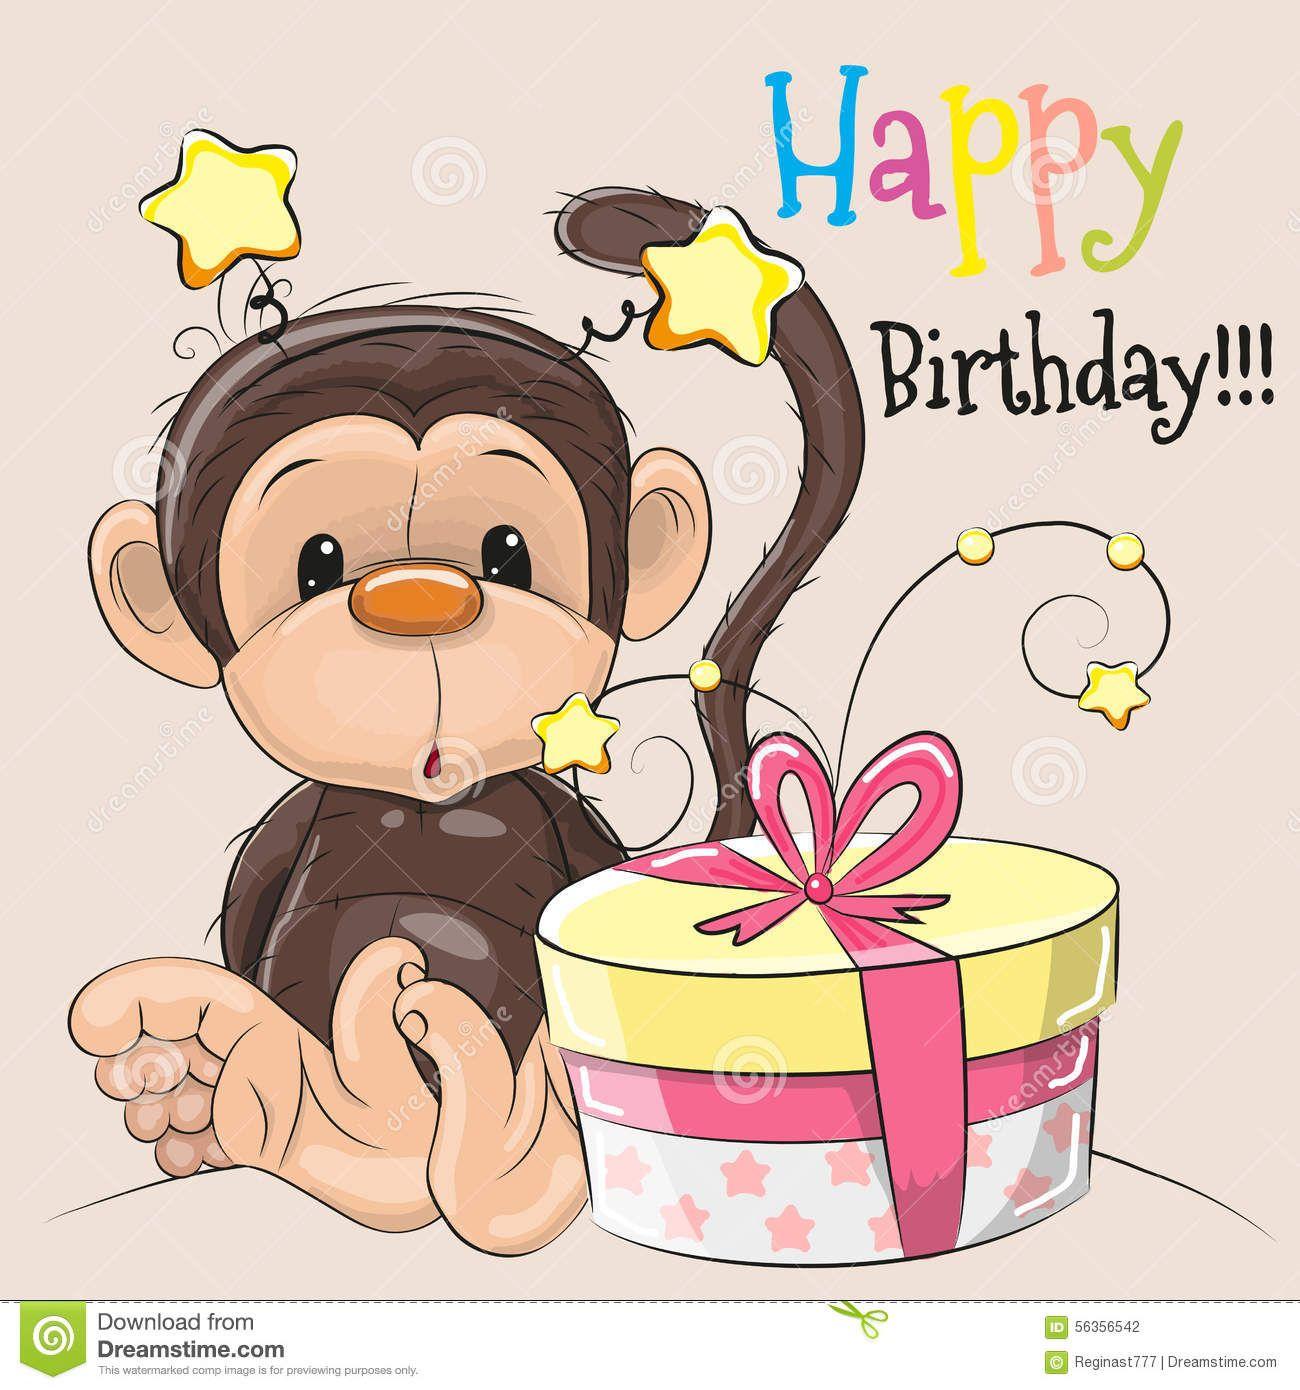 5fa7aee85e68 Pin de DK en Happy Birthday! | Feliz cumpeaños, Cumpleaños de monos ...